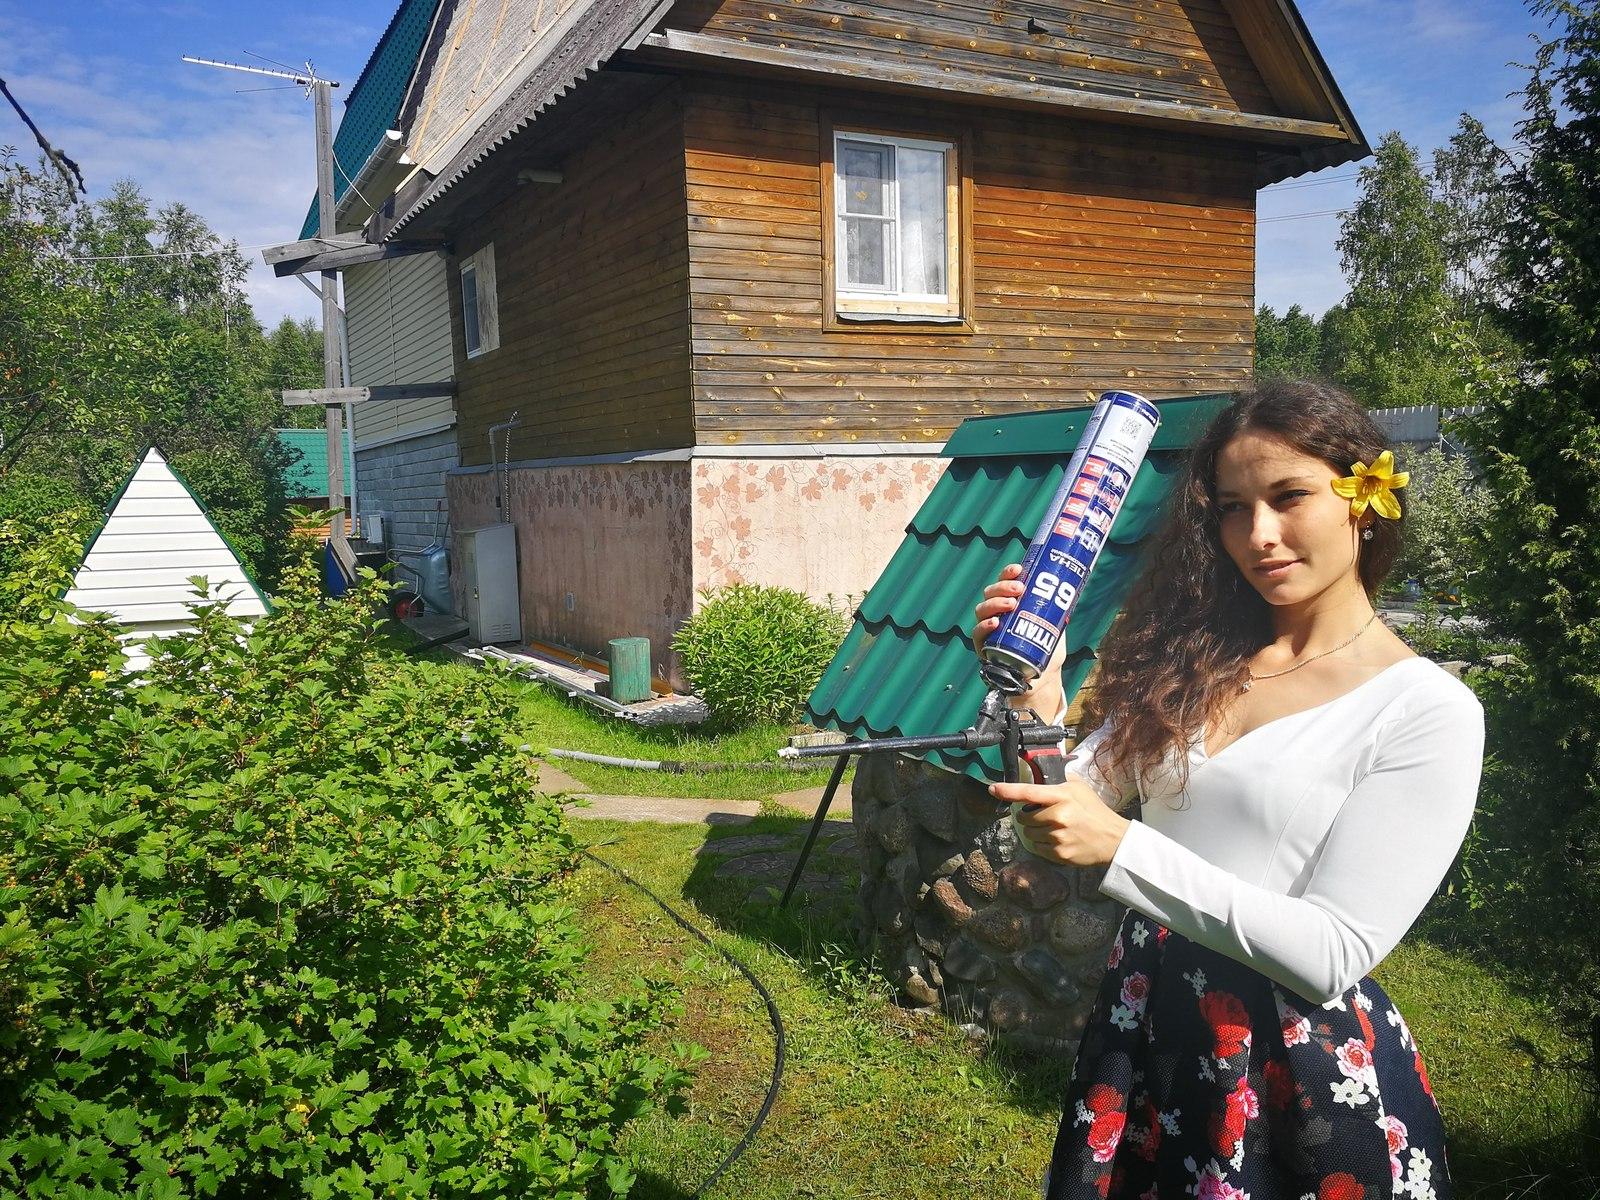 фото девушек на даче